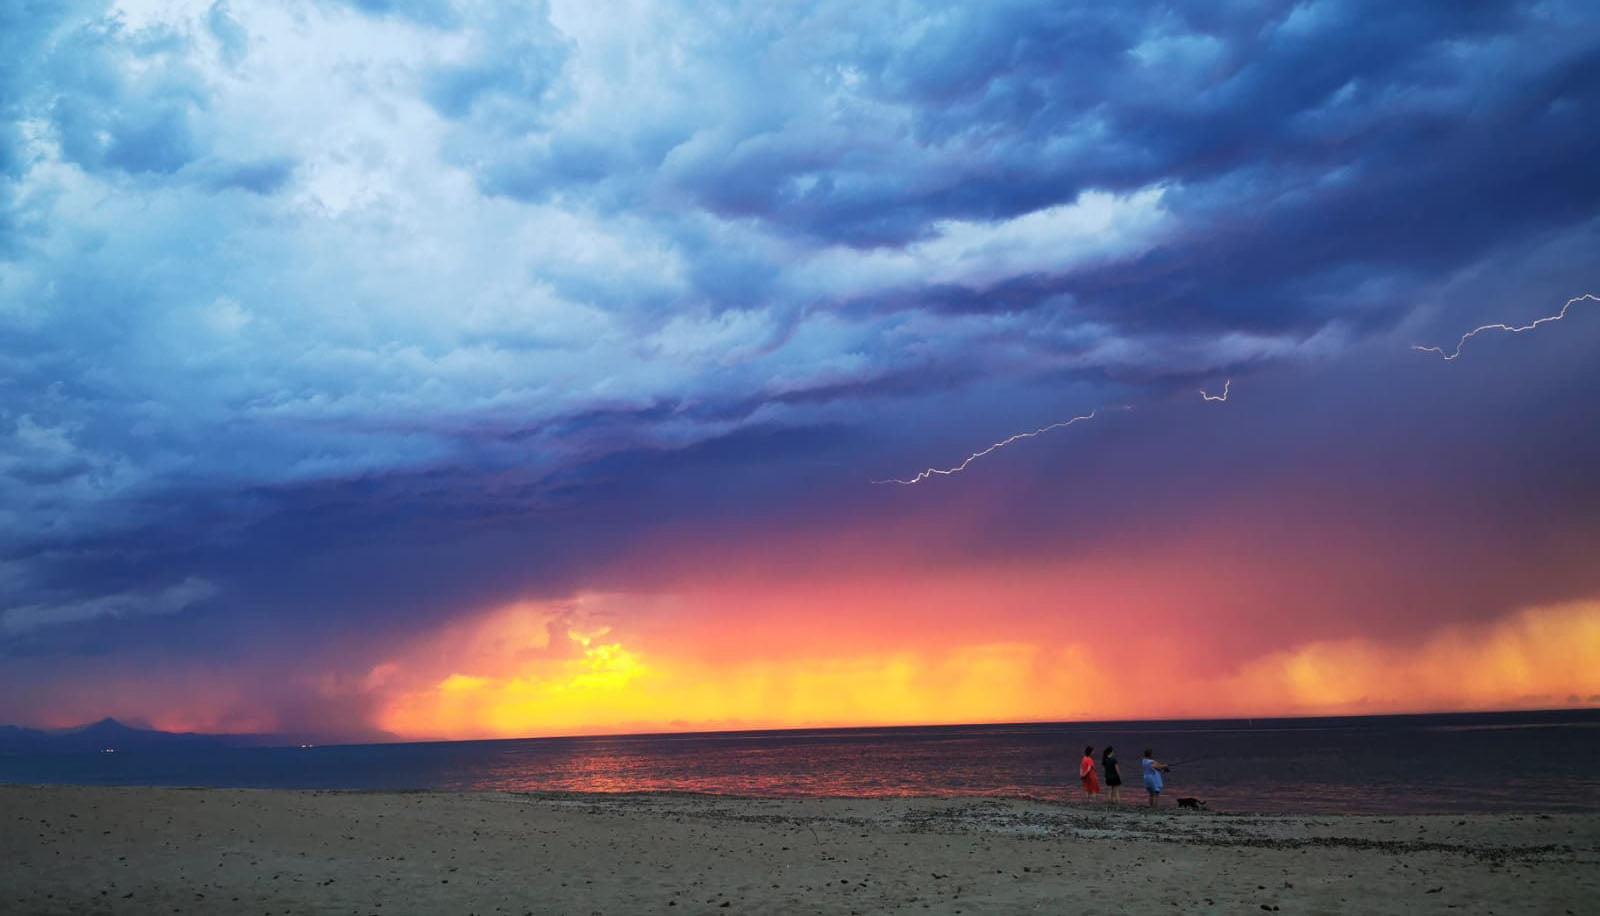 Portada de la tormenta eléctrica sobre València